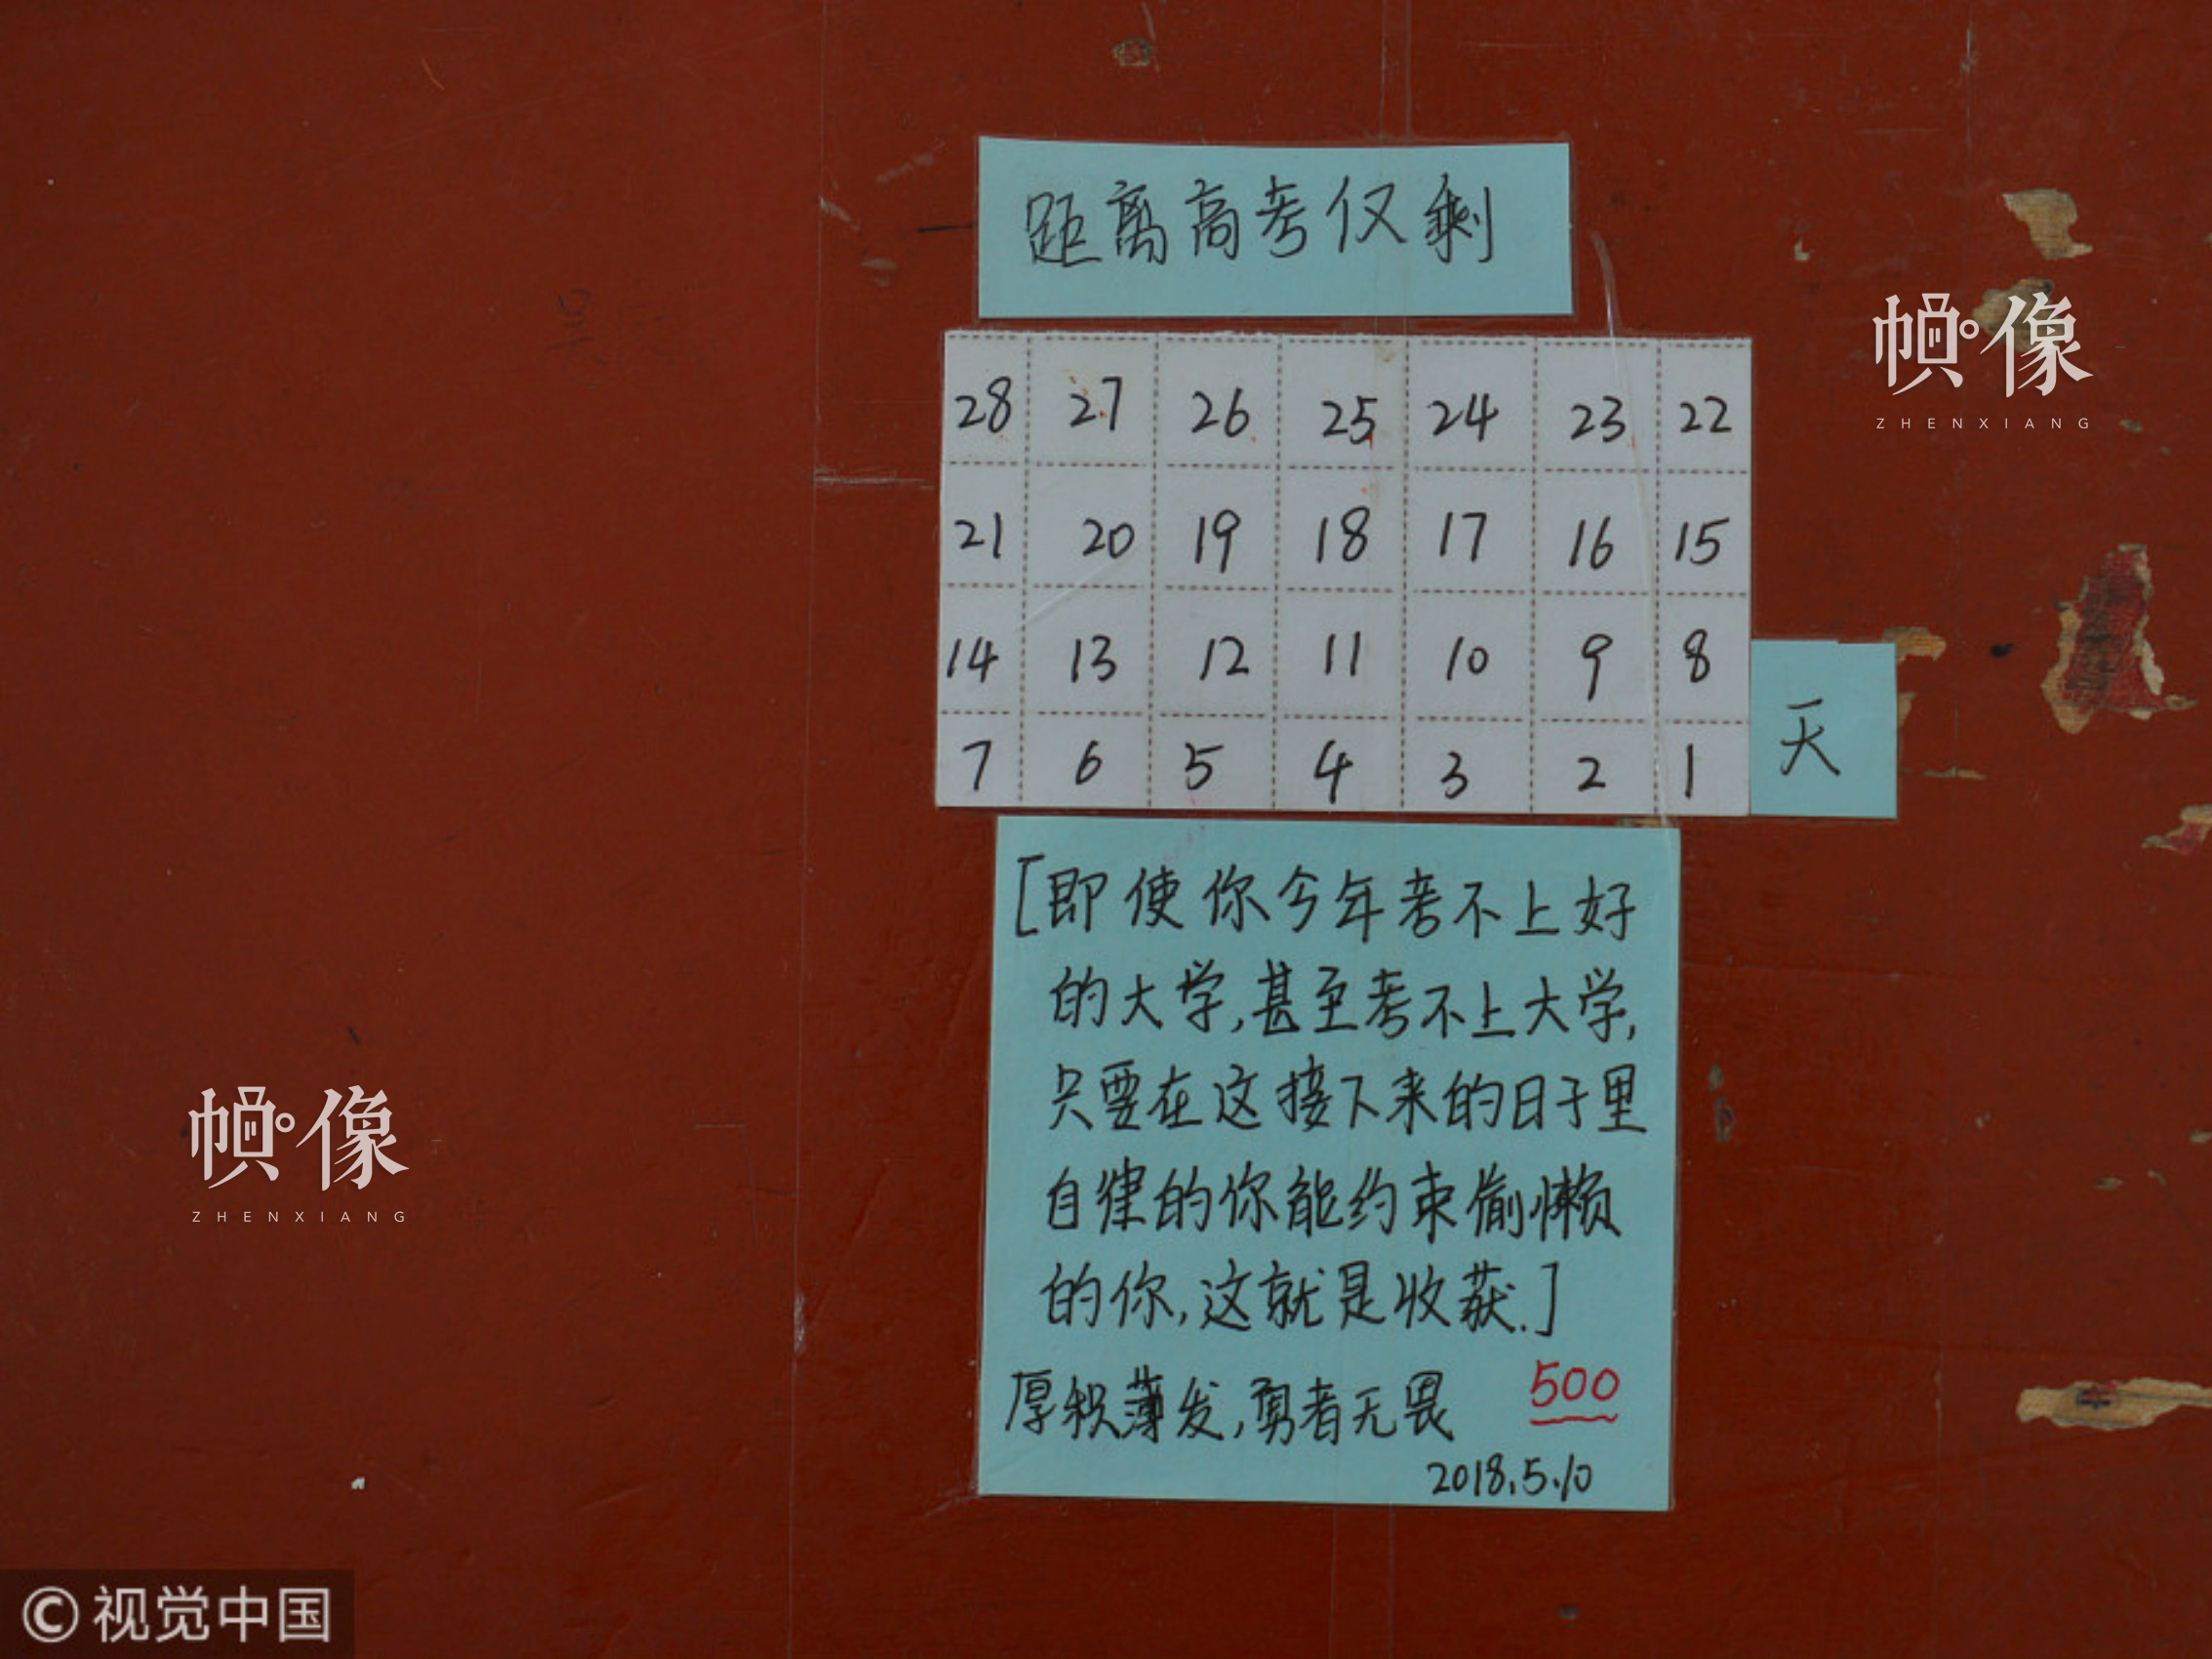 2018年5月28日,河南驻马店,距离2018年高考仅仅剩下十天时间。河南省汝南高中高三年级的学生课桌上张贴着倒计时内容。图片来源:视觉中国